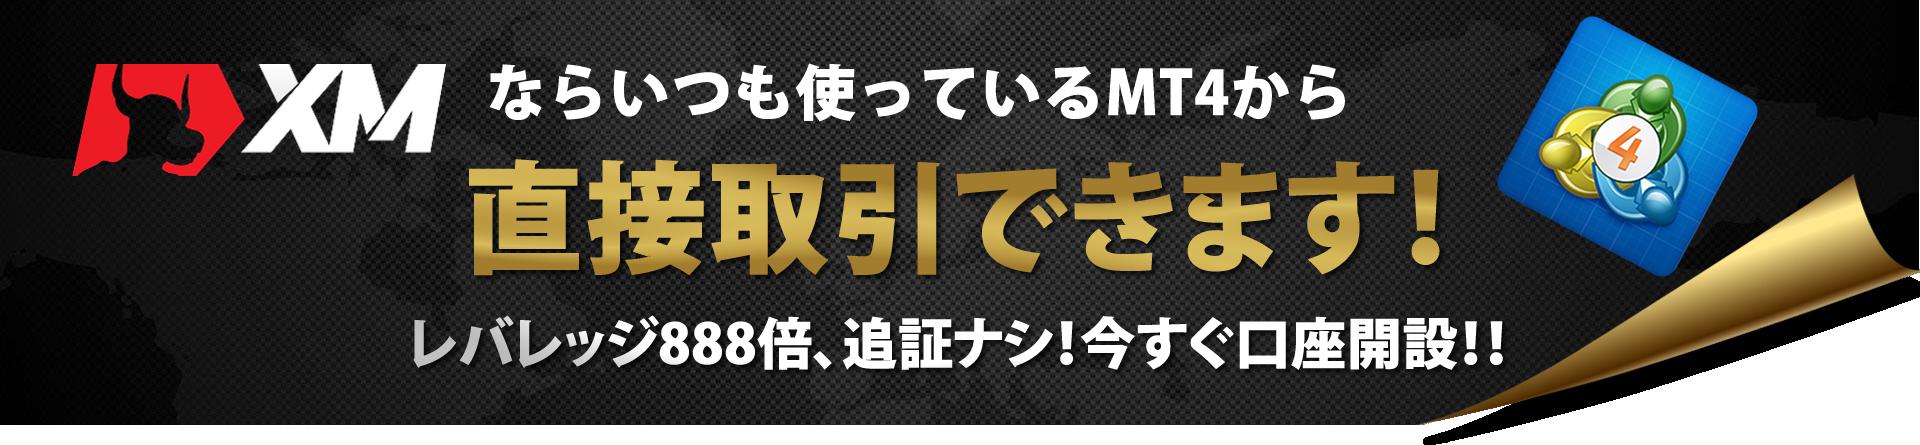 XMはMT4から直接取引できます